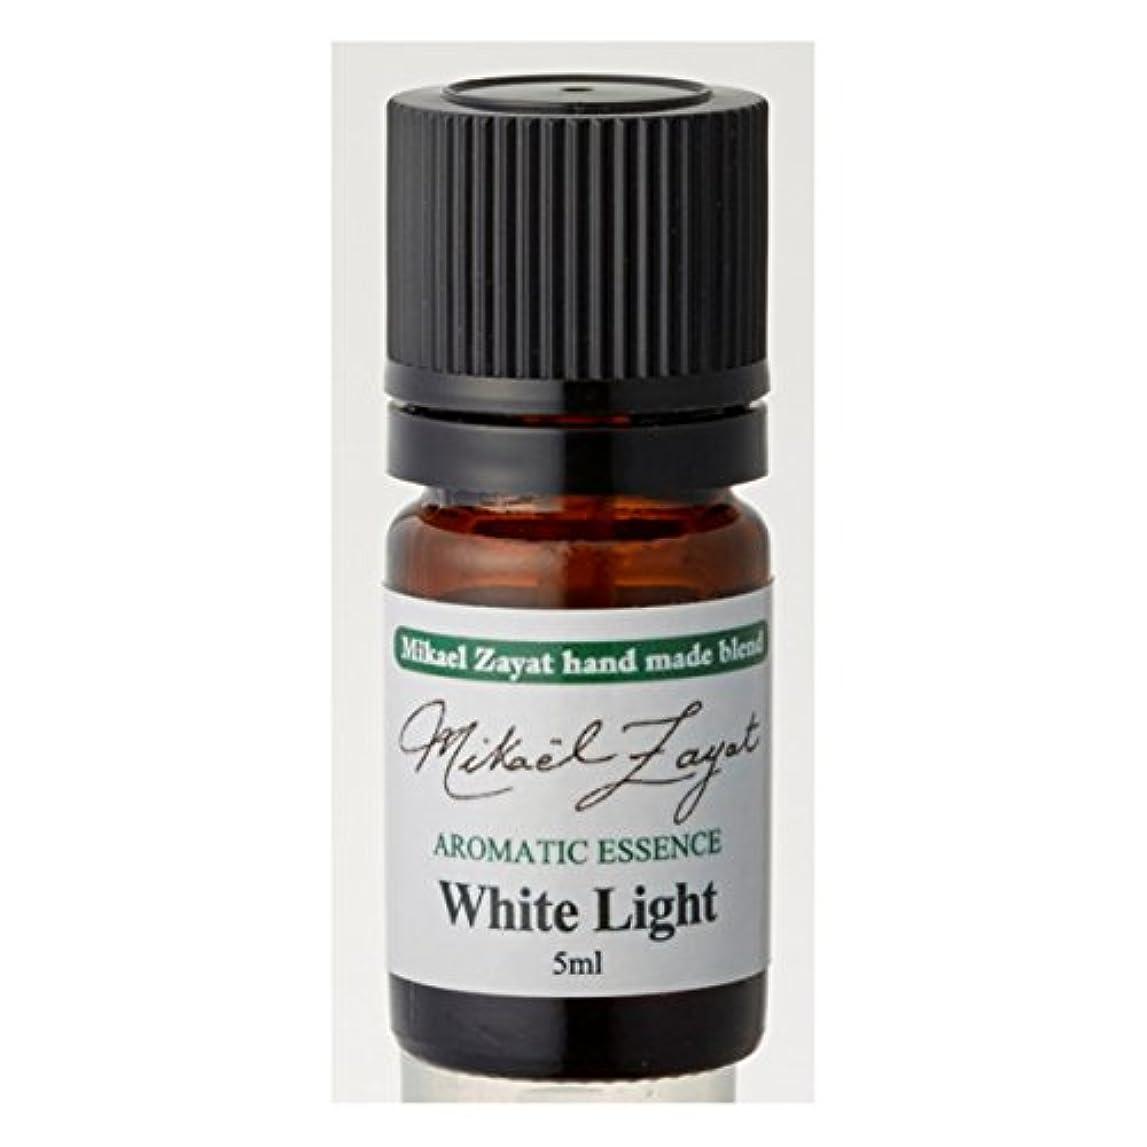 集計失手つかずのミカエルザヤット ホワイトライト White Light 10ml/ Mikael Zayat hand made blend